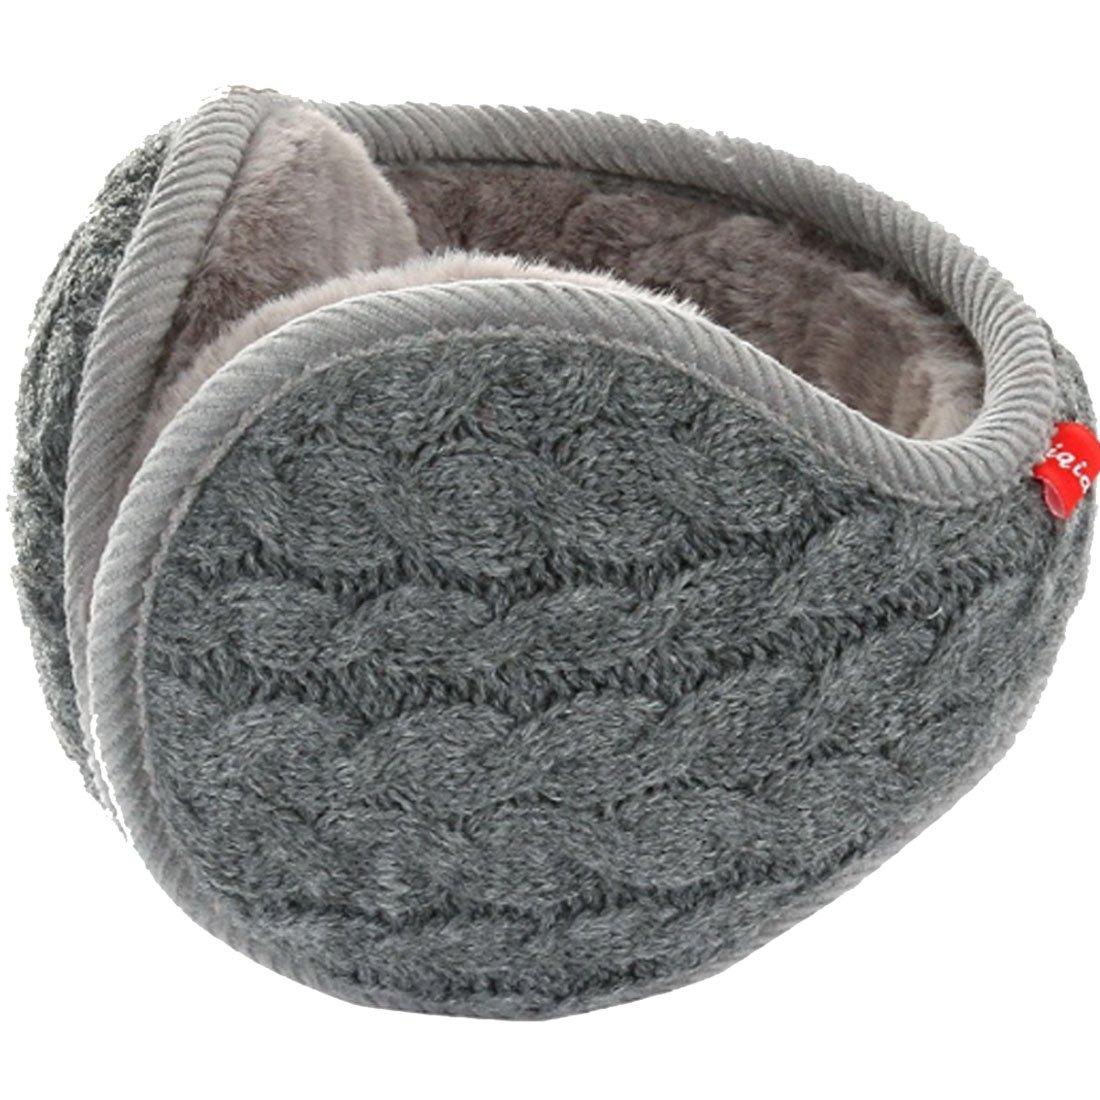 LerBen Winter Earmuff Woolen Yarn Cable Knit Wrap around Ear Muffs Ear Warmers EMU-0554